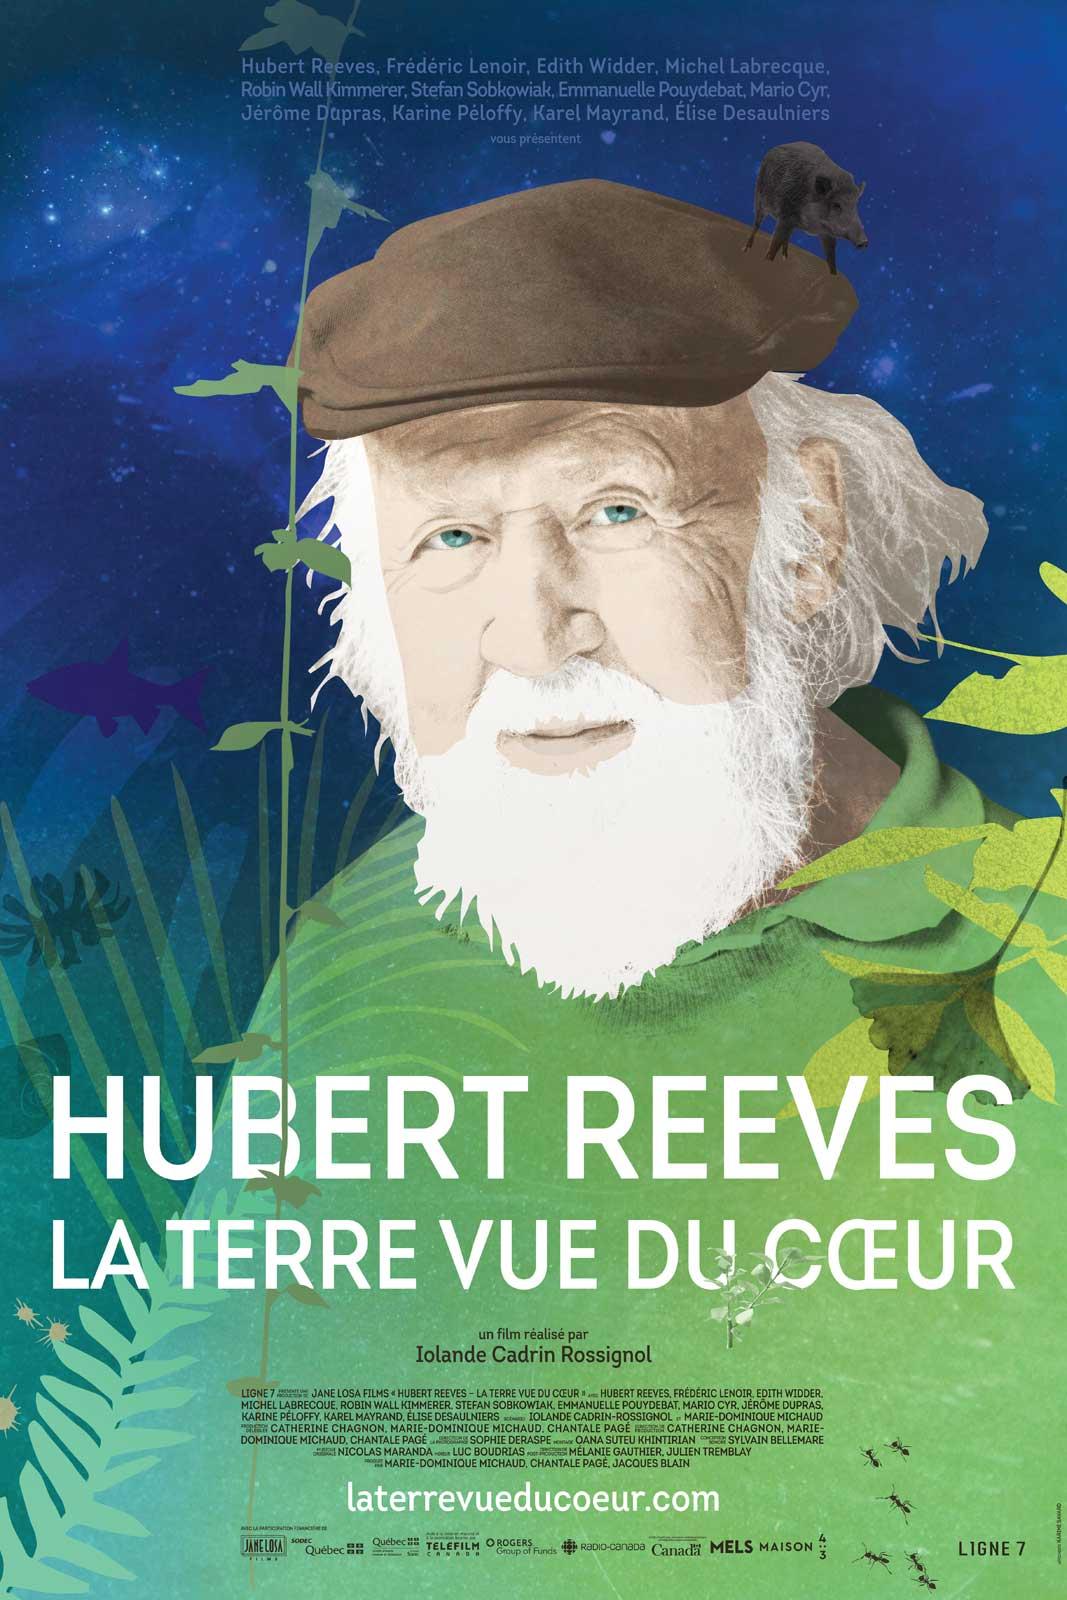 Hubert Reeves - La Terre vue du coeur